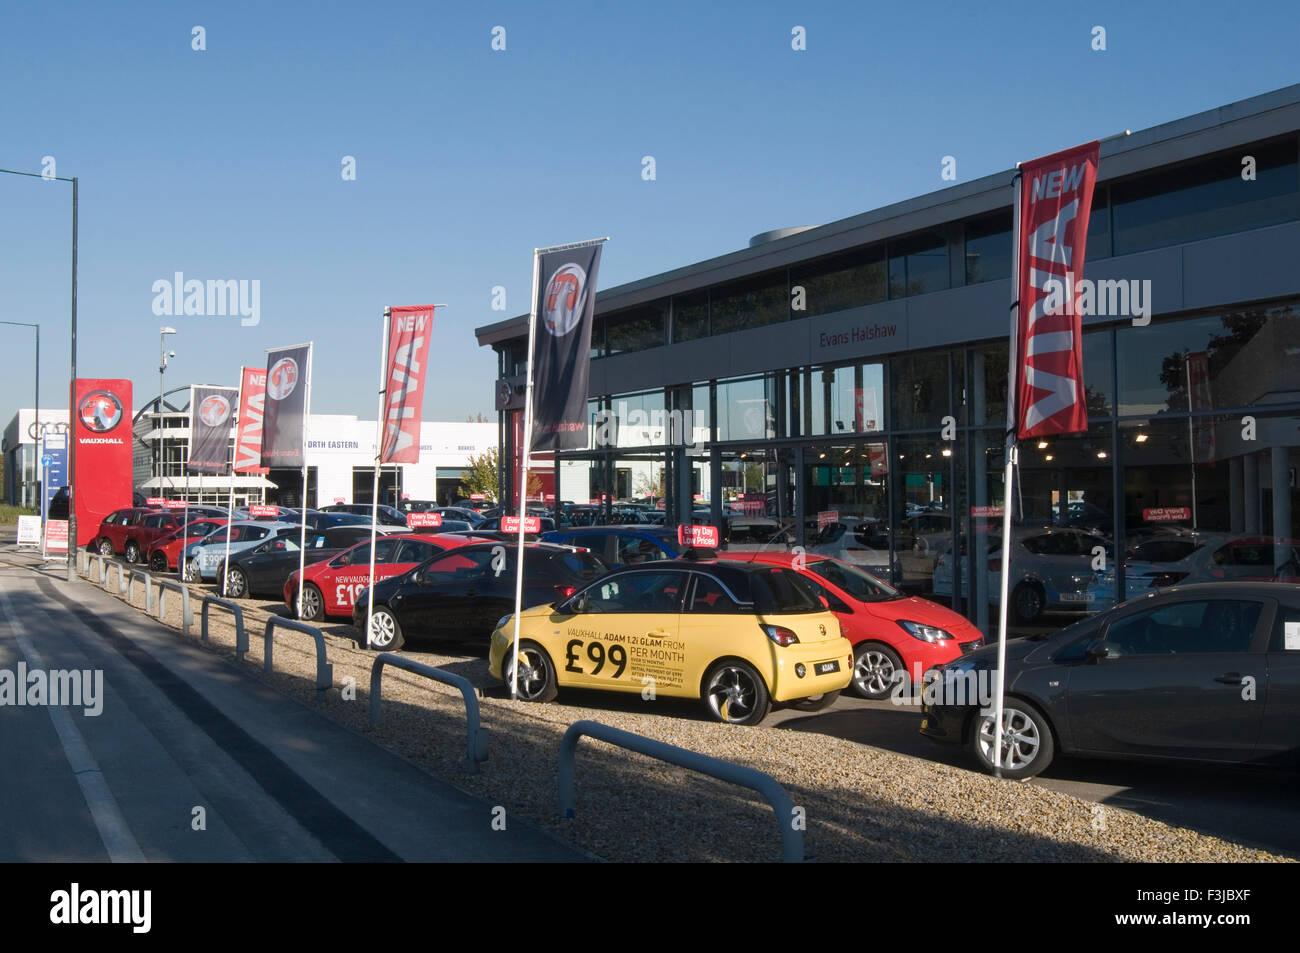 vauxhall garage dealer dealership showroom new car cars maker manufacturer franchised dealerships - Stock Image